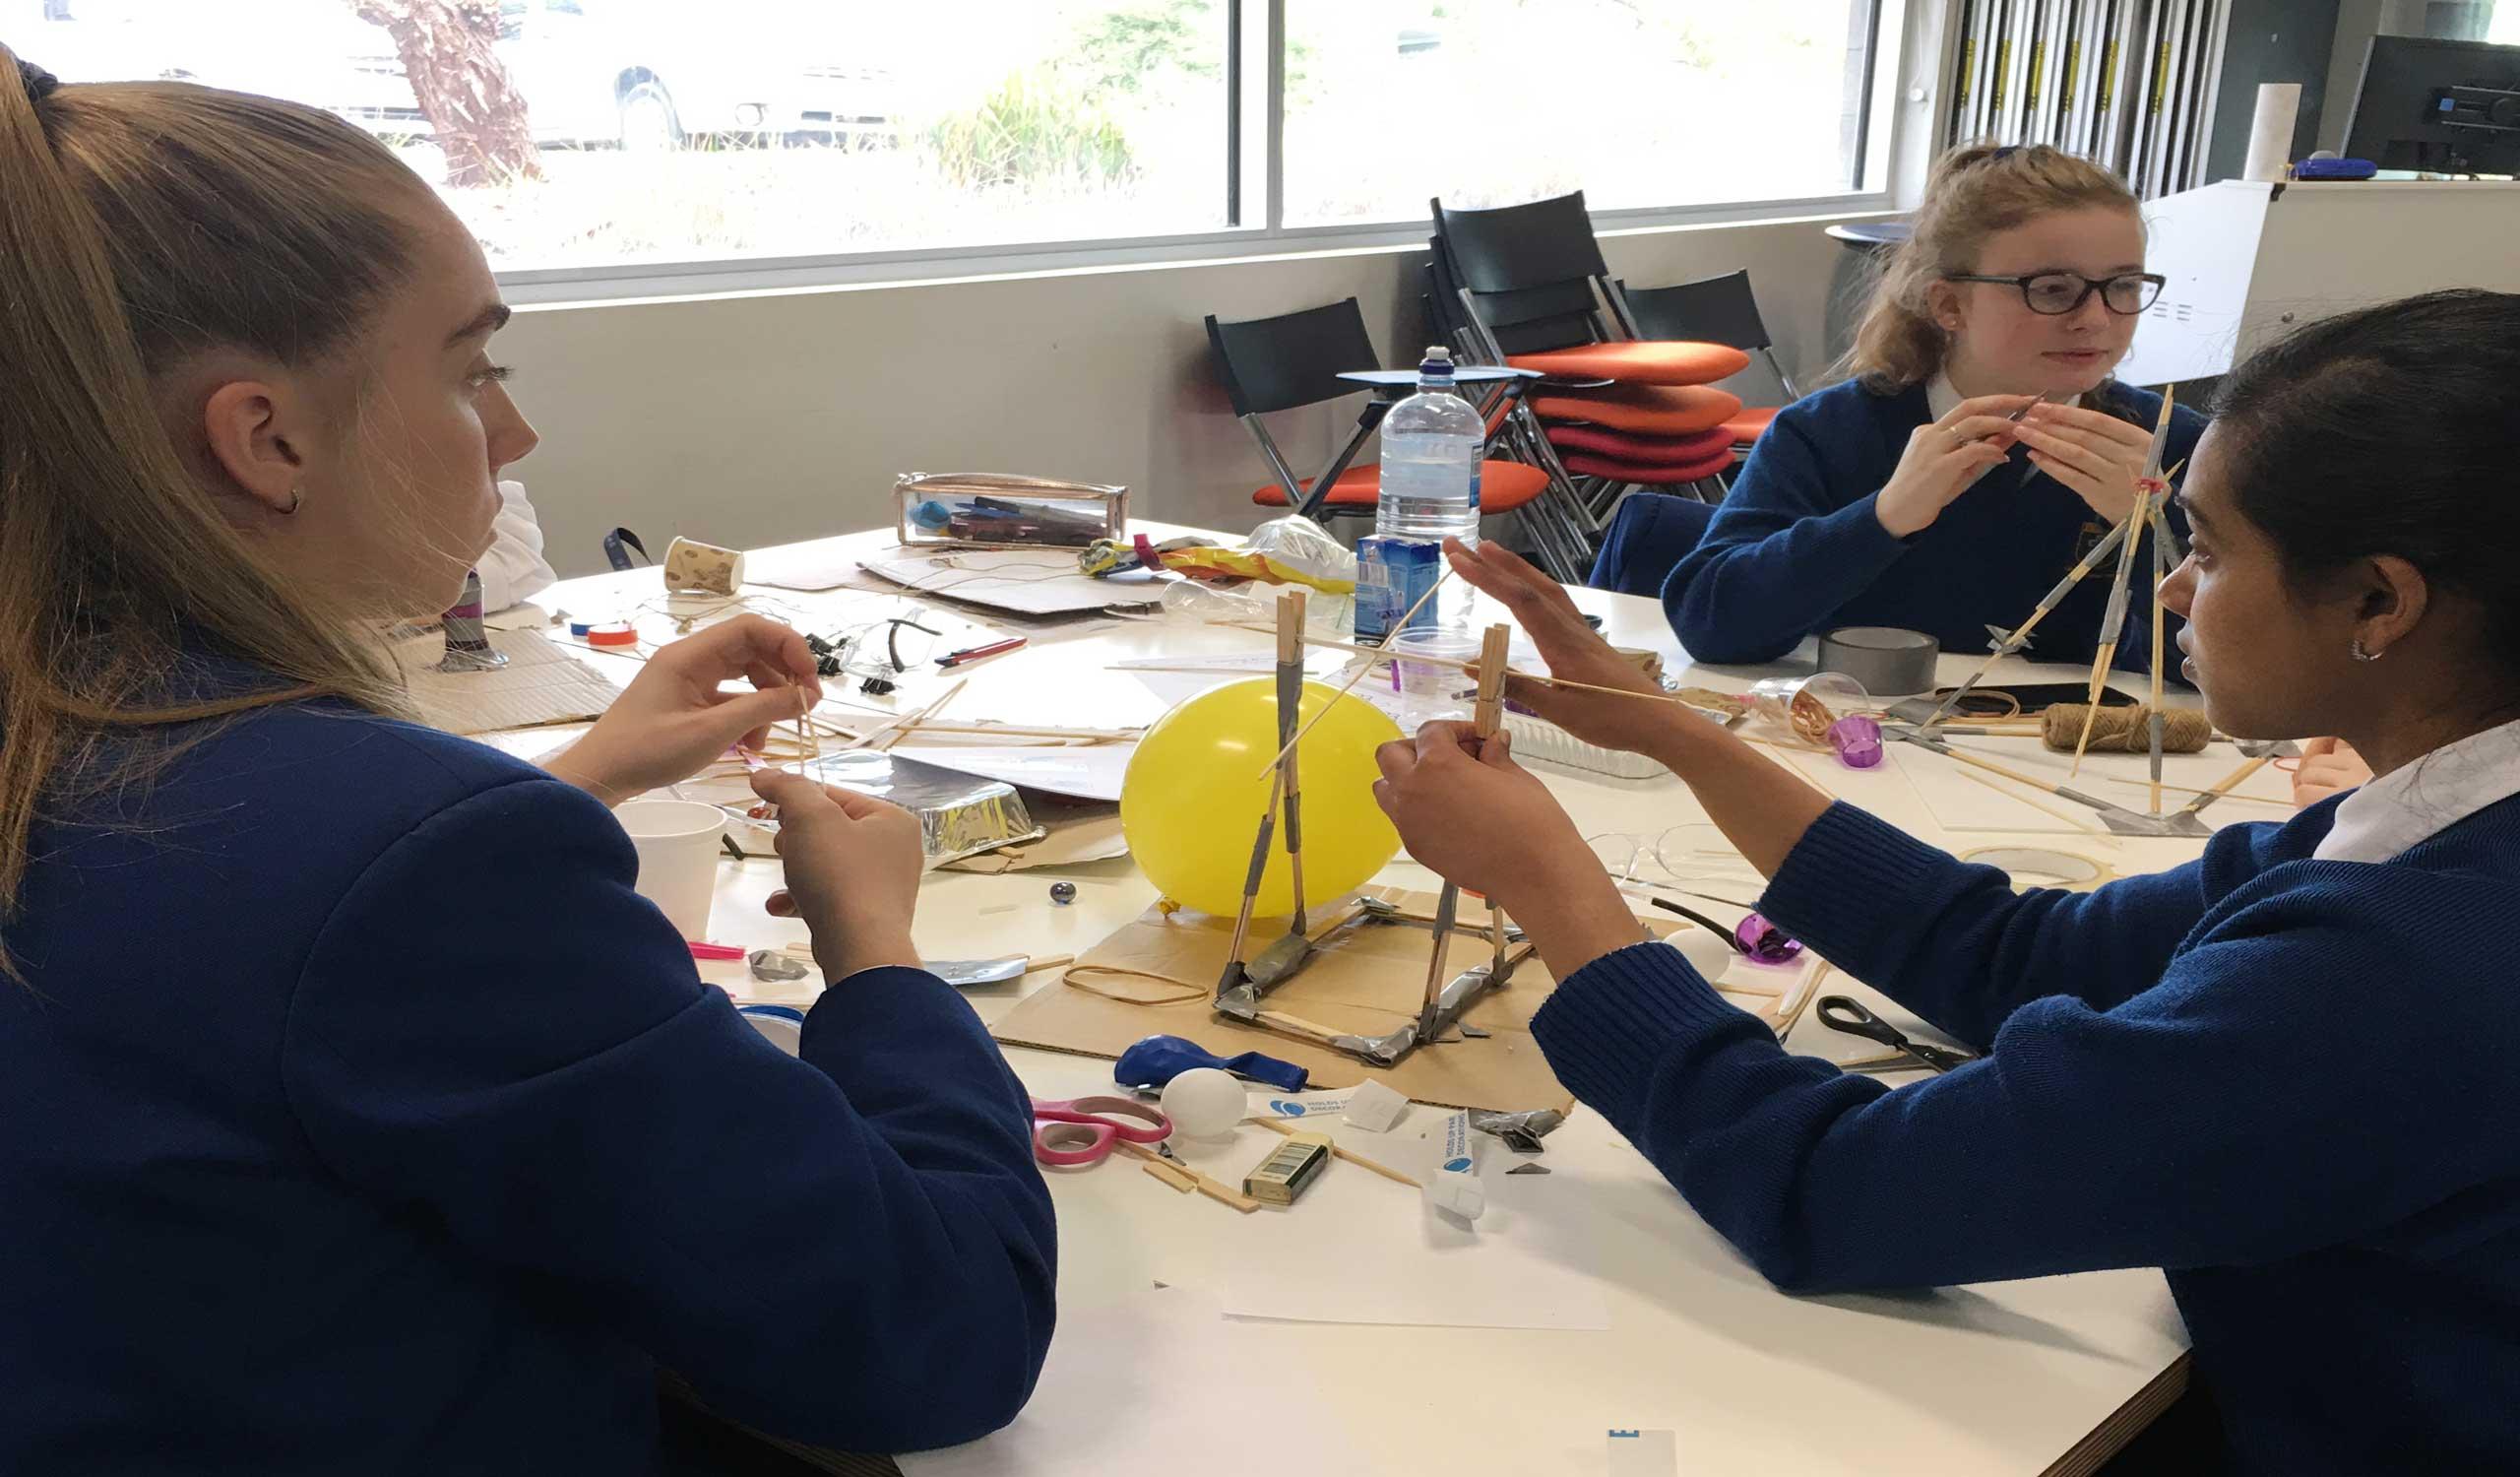 Inspiring-Women-in-STEM-3